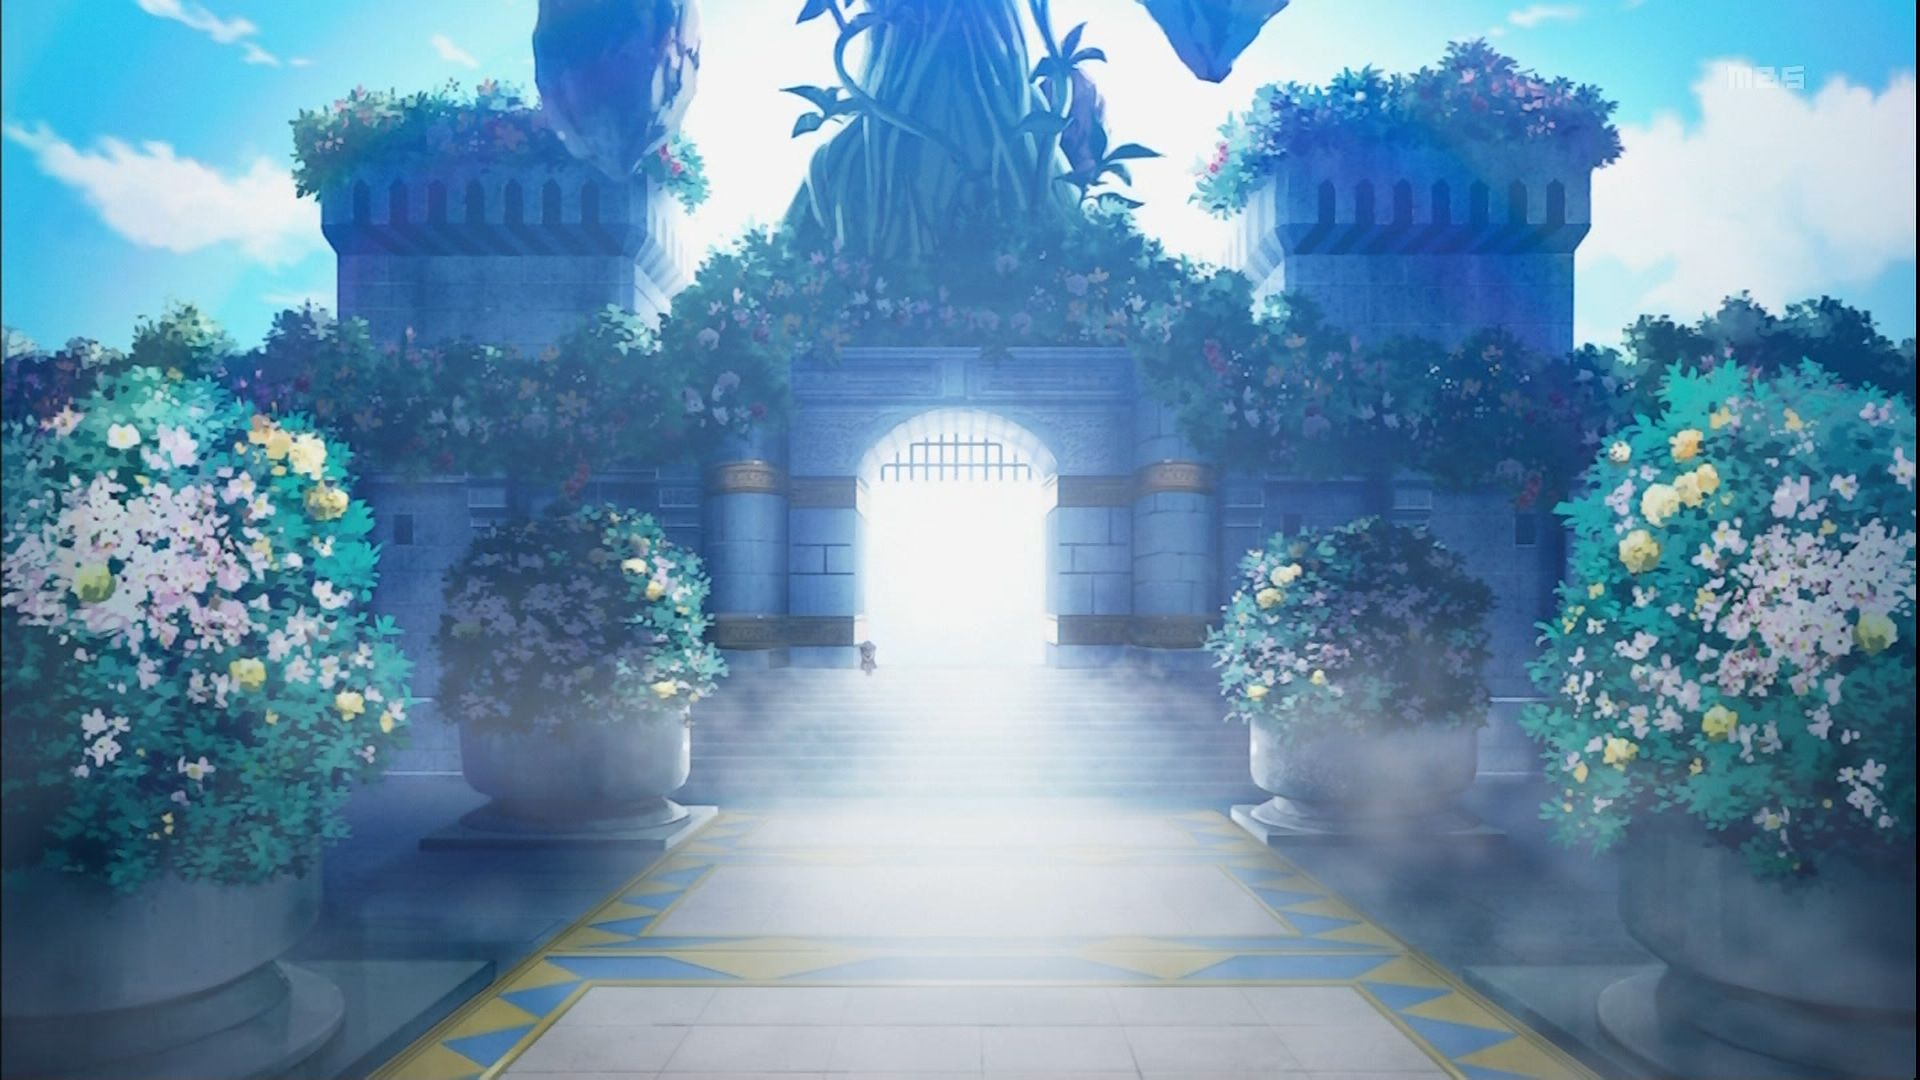 Heaven Megami Tensei Wiki A Demonic Compendium Of Your